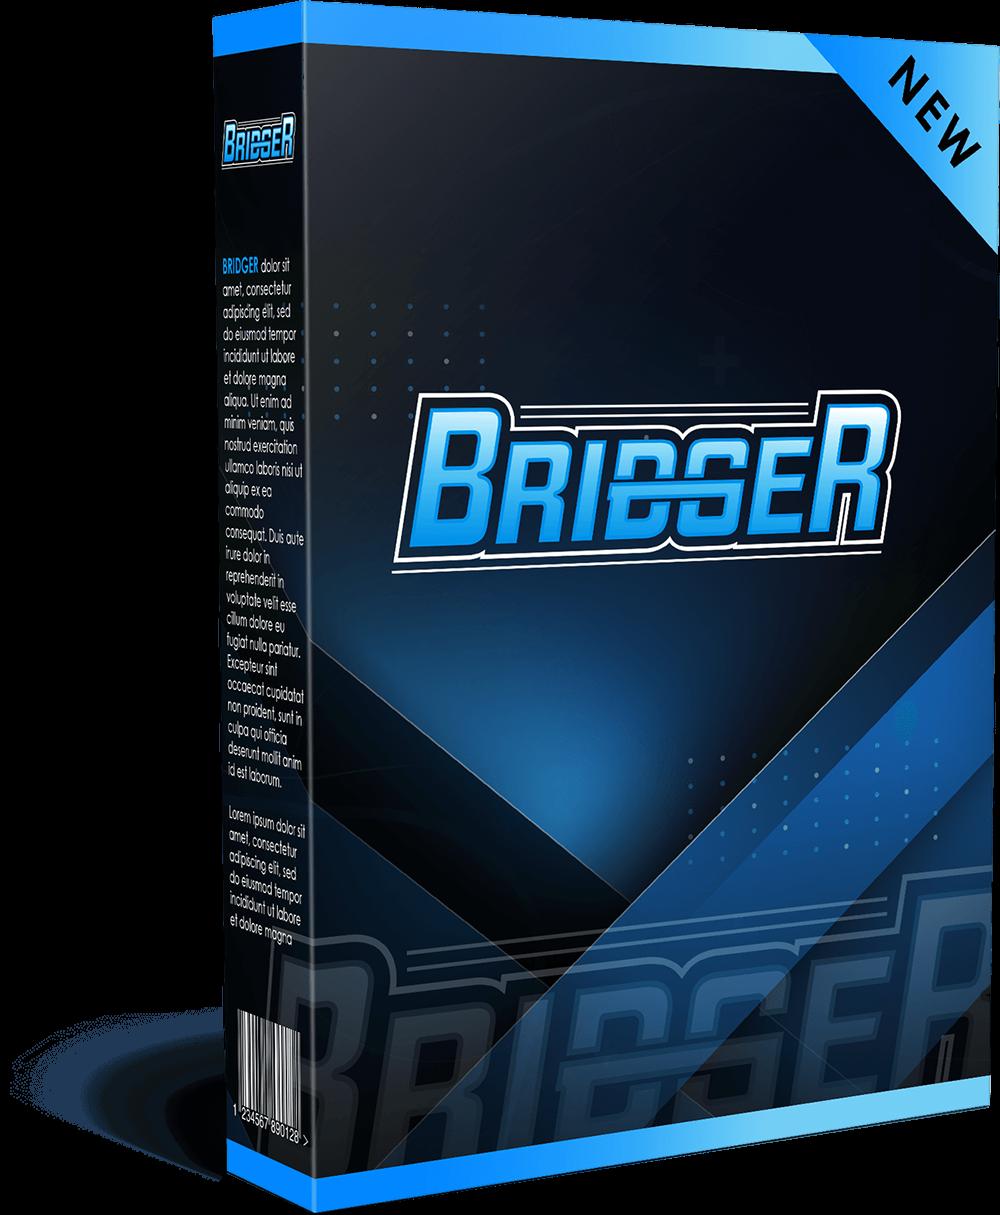 Bridger Review